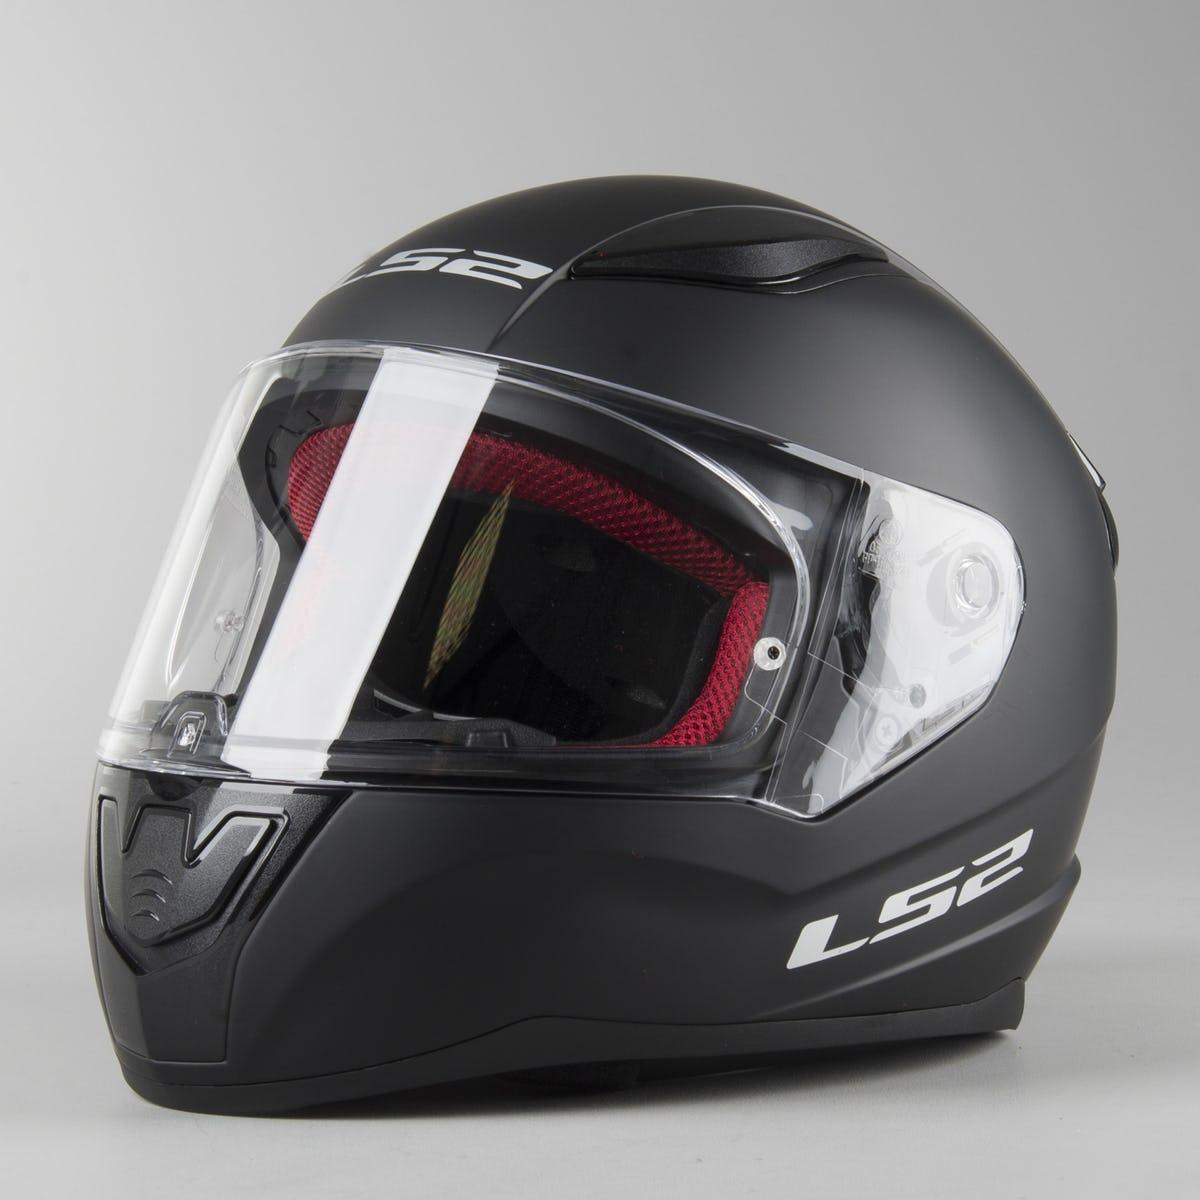 Мото шлем LS2 FF353 RAPID KIDS  Matt Black Черный мат ДЕТСКИЙ